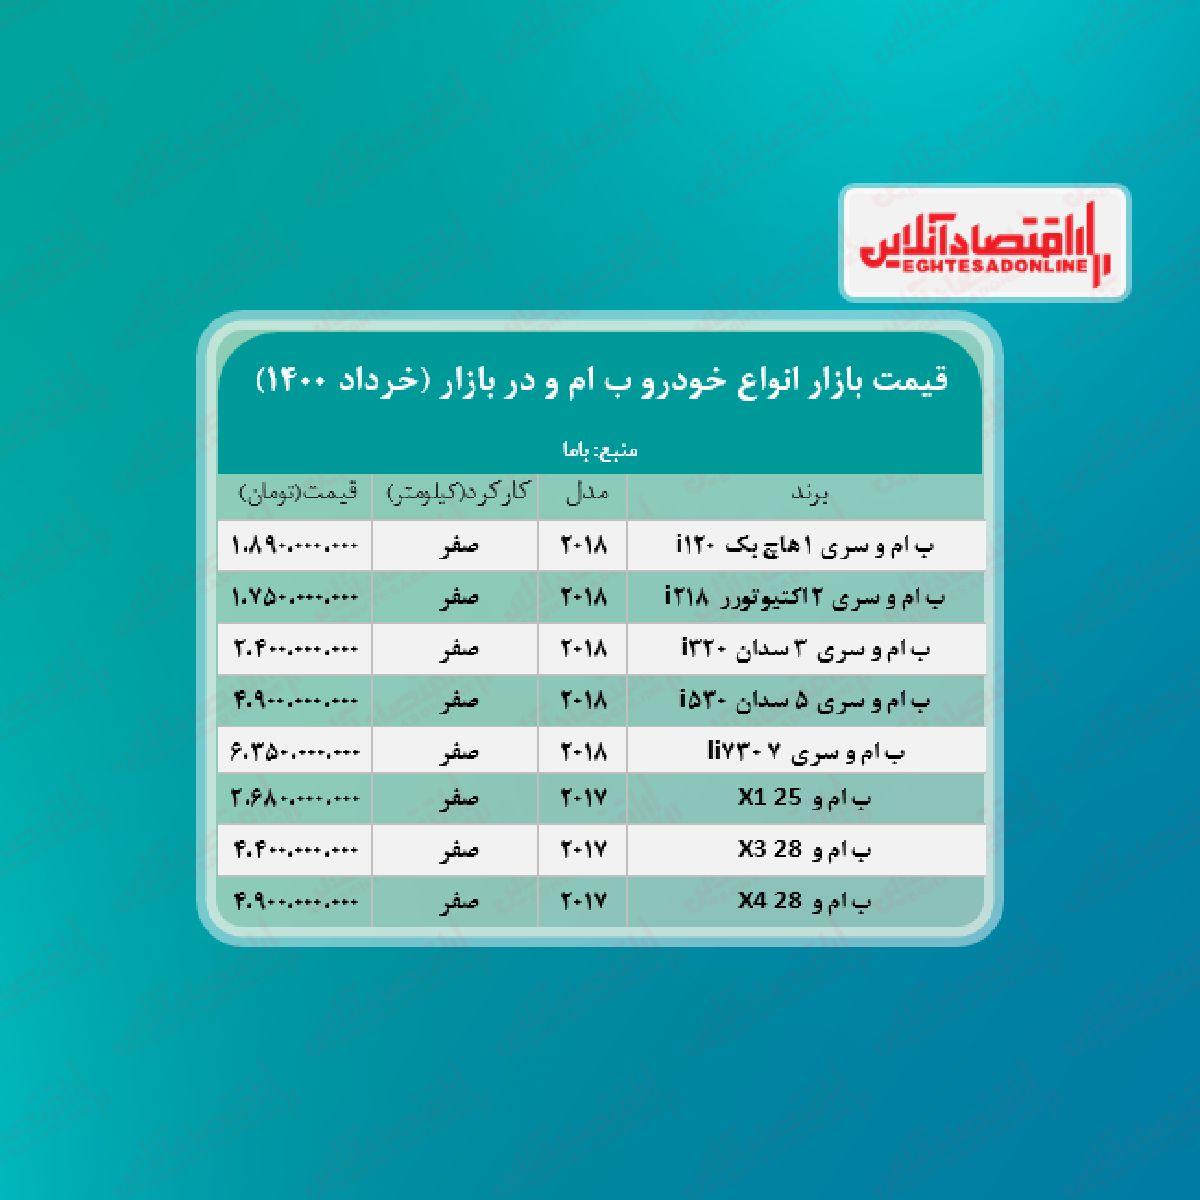 قیمت انواع ب ام و در تهران + جدول